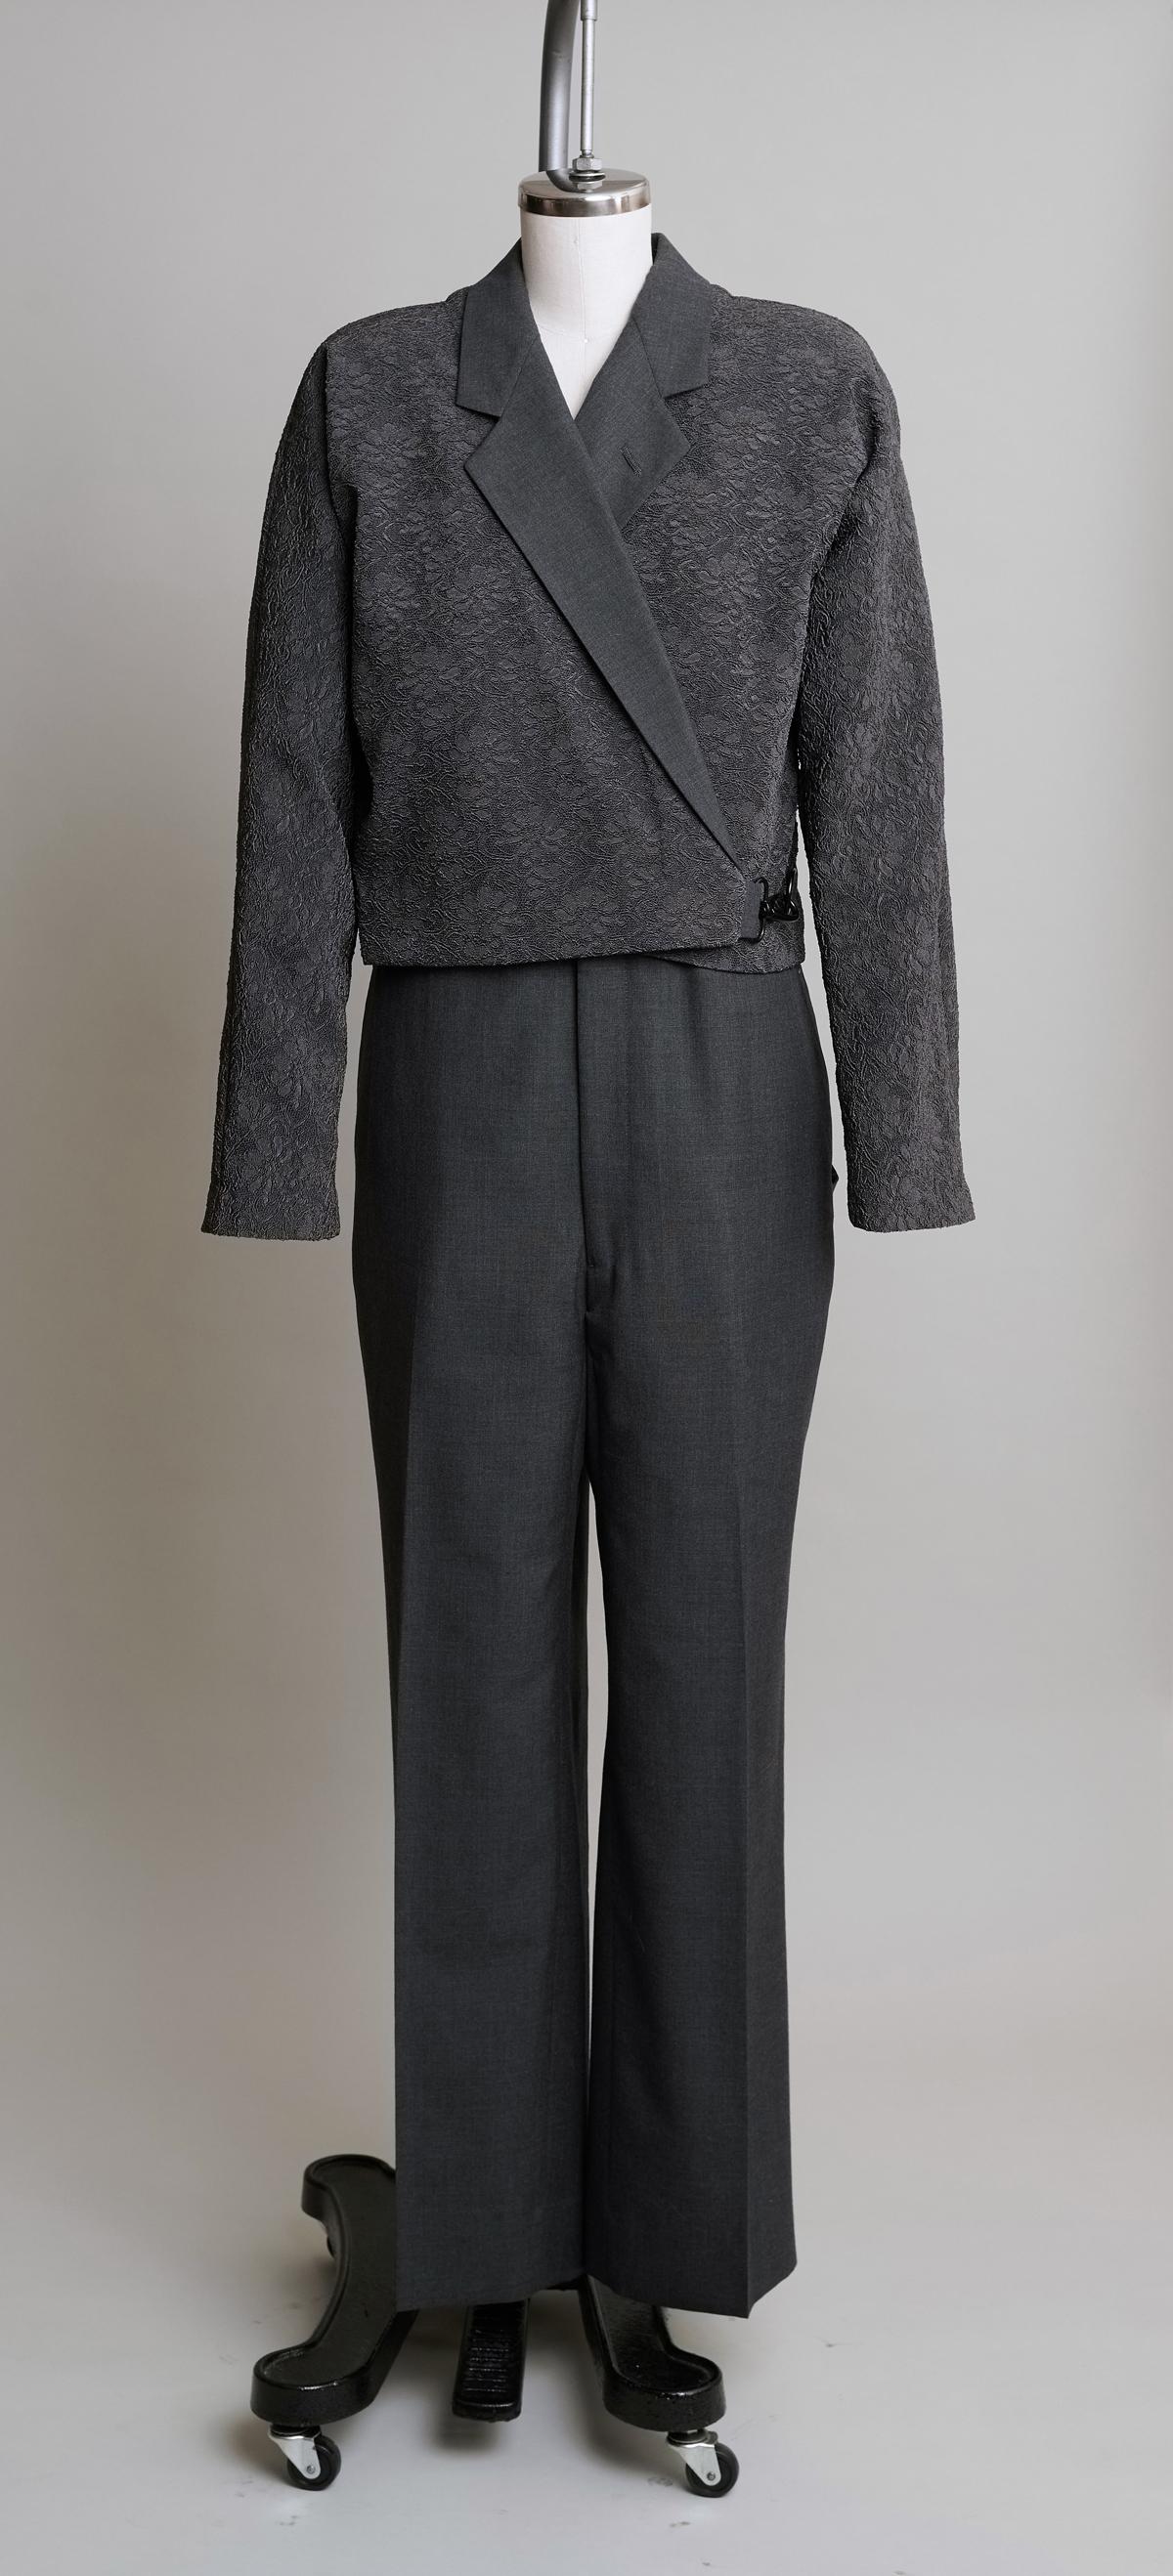 Women's dark pantsuit on dress form